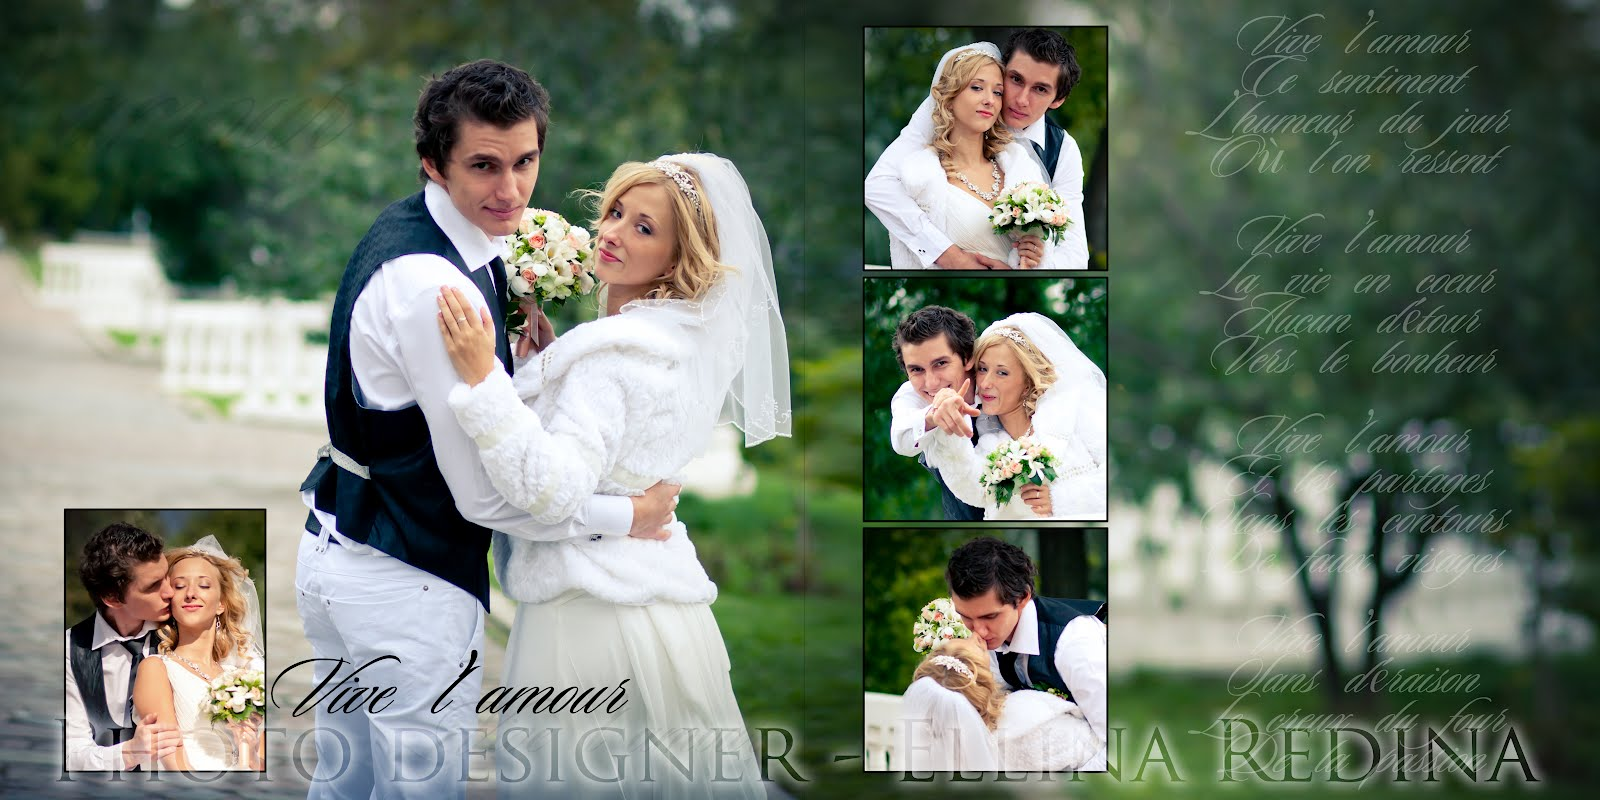 Подписи под фото свадьбы